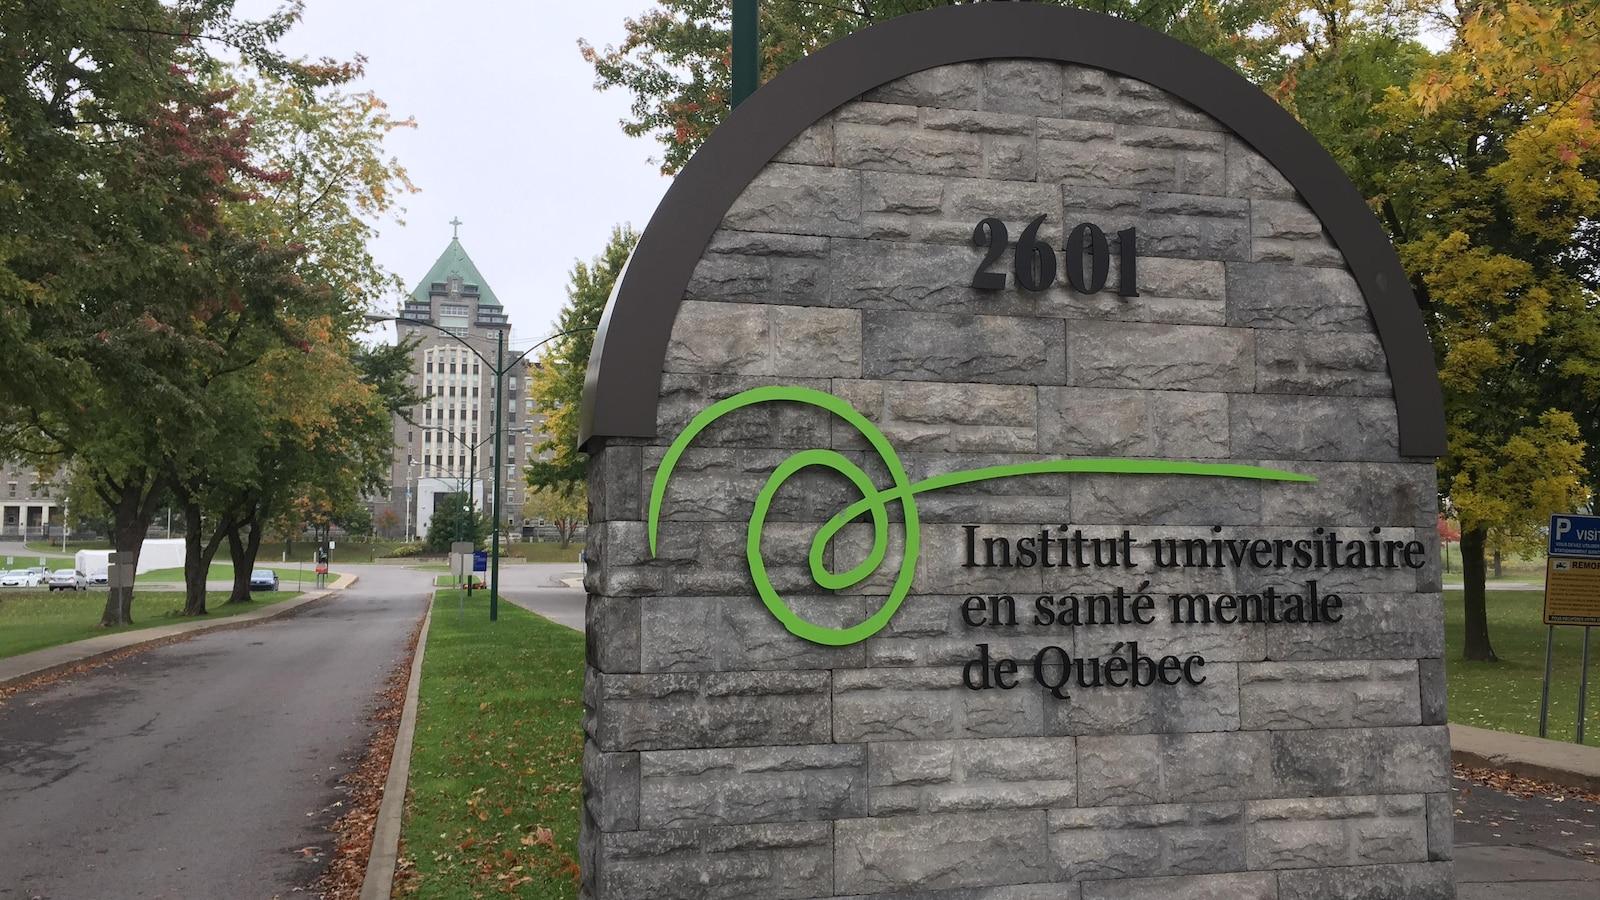 L'Institut universitaire en santé mentale de Québec est situé sur le chemin de la Canardière.